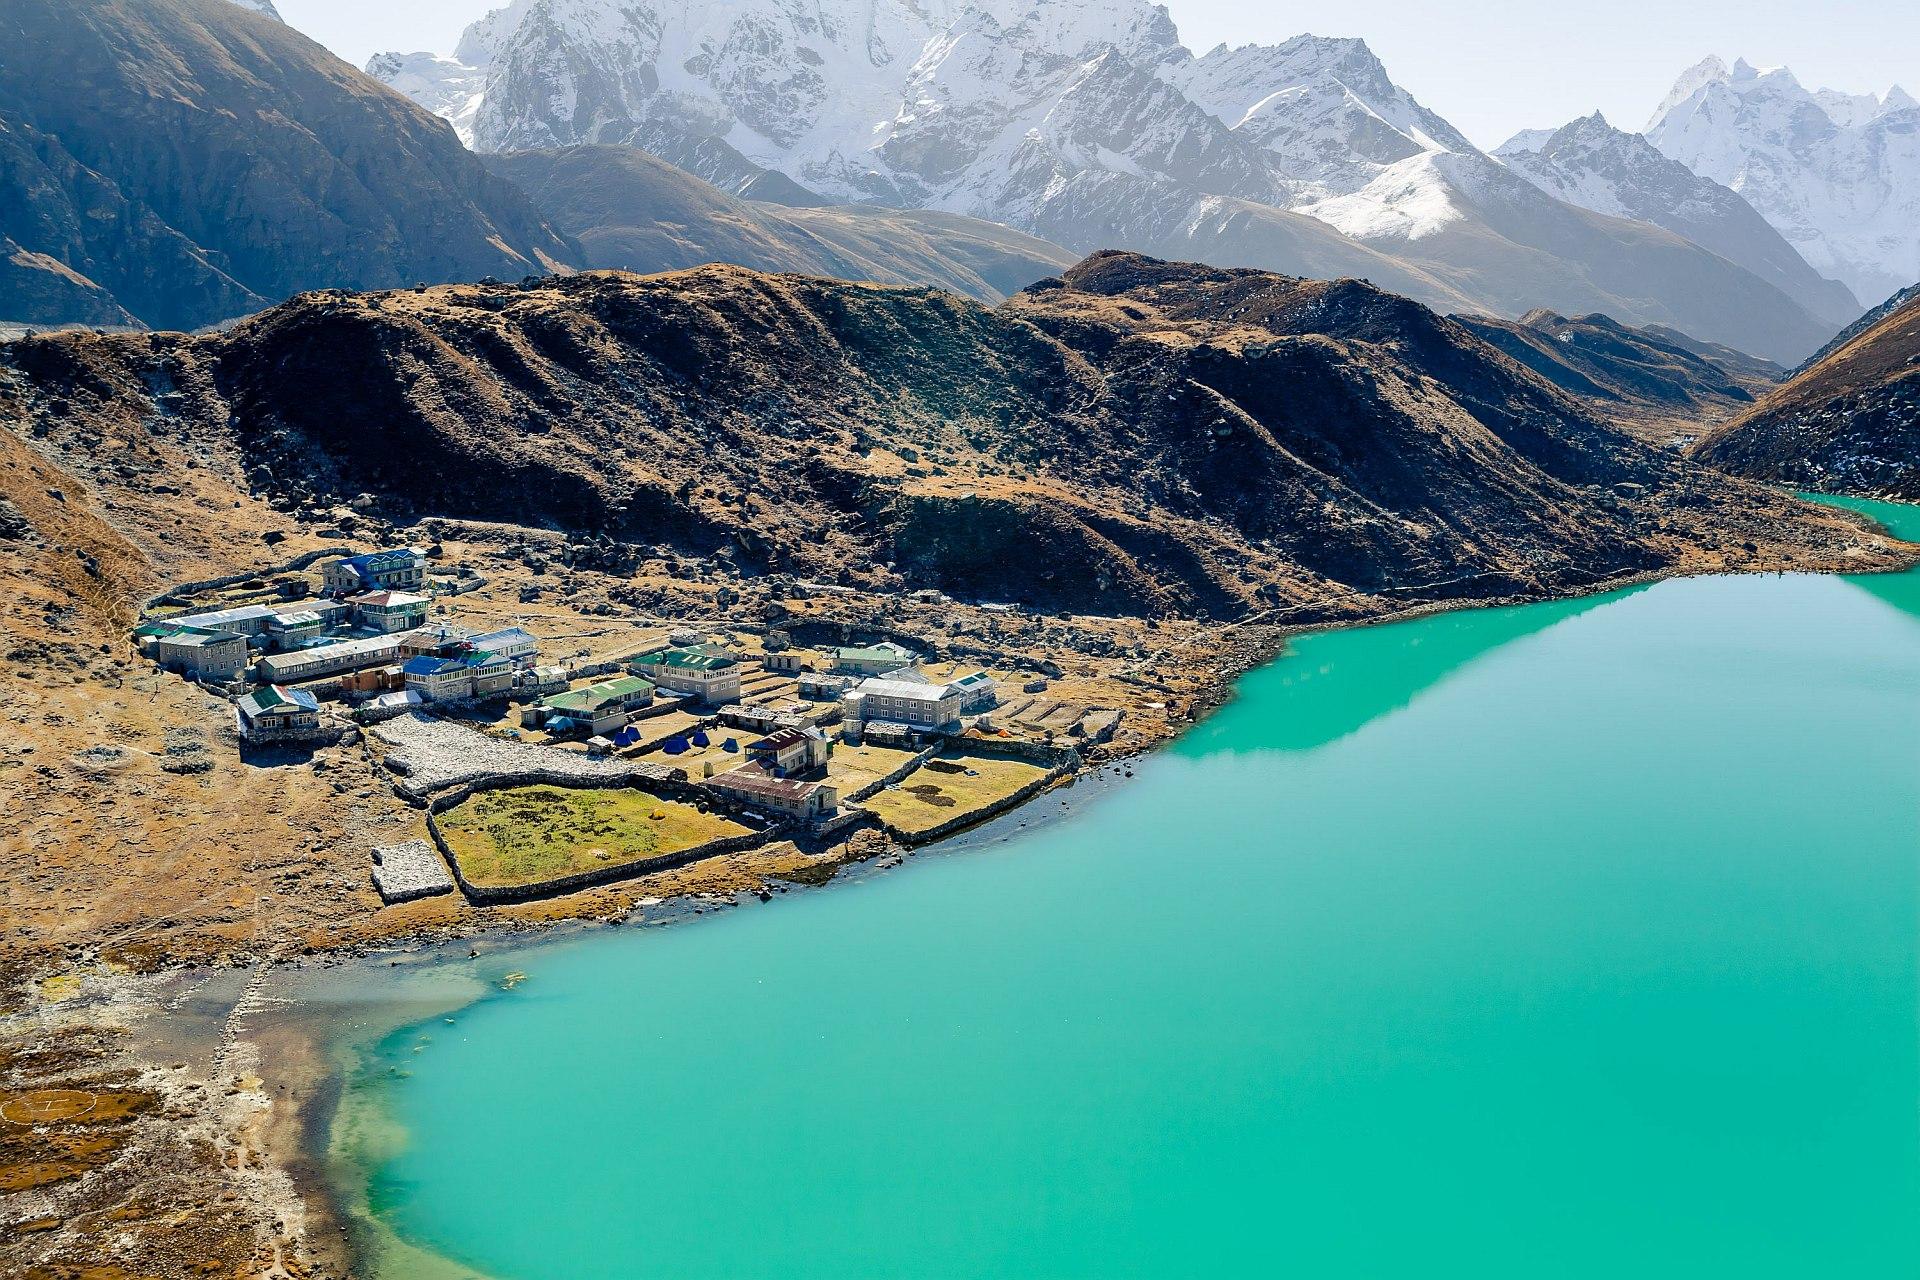 Jezioro Goyko, trekking w Himalajach, Nepal